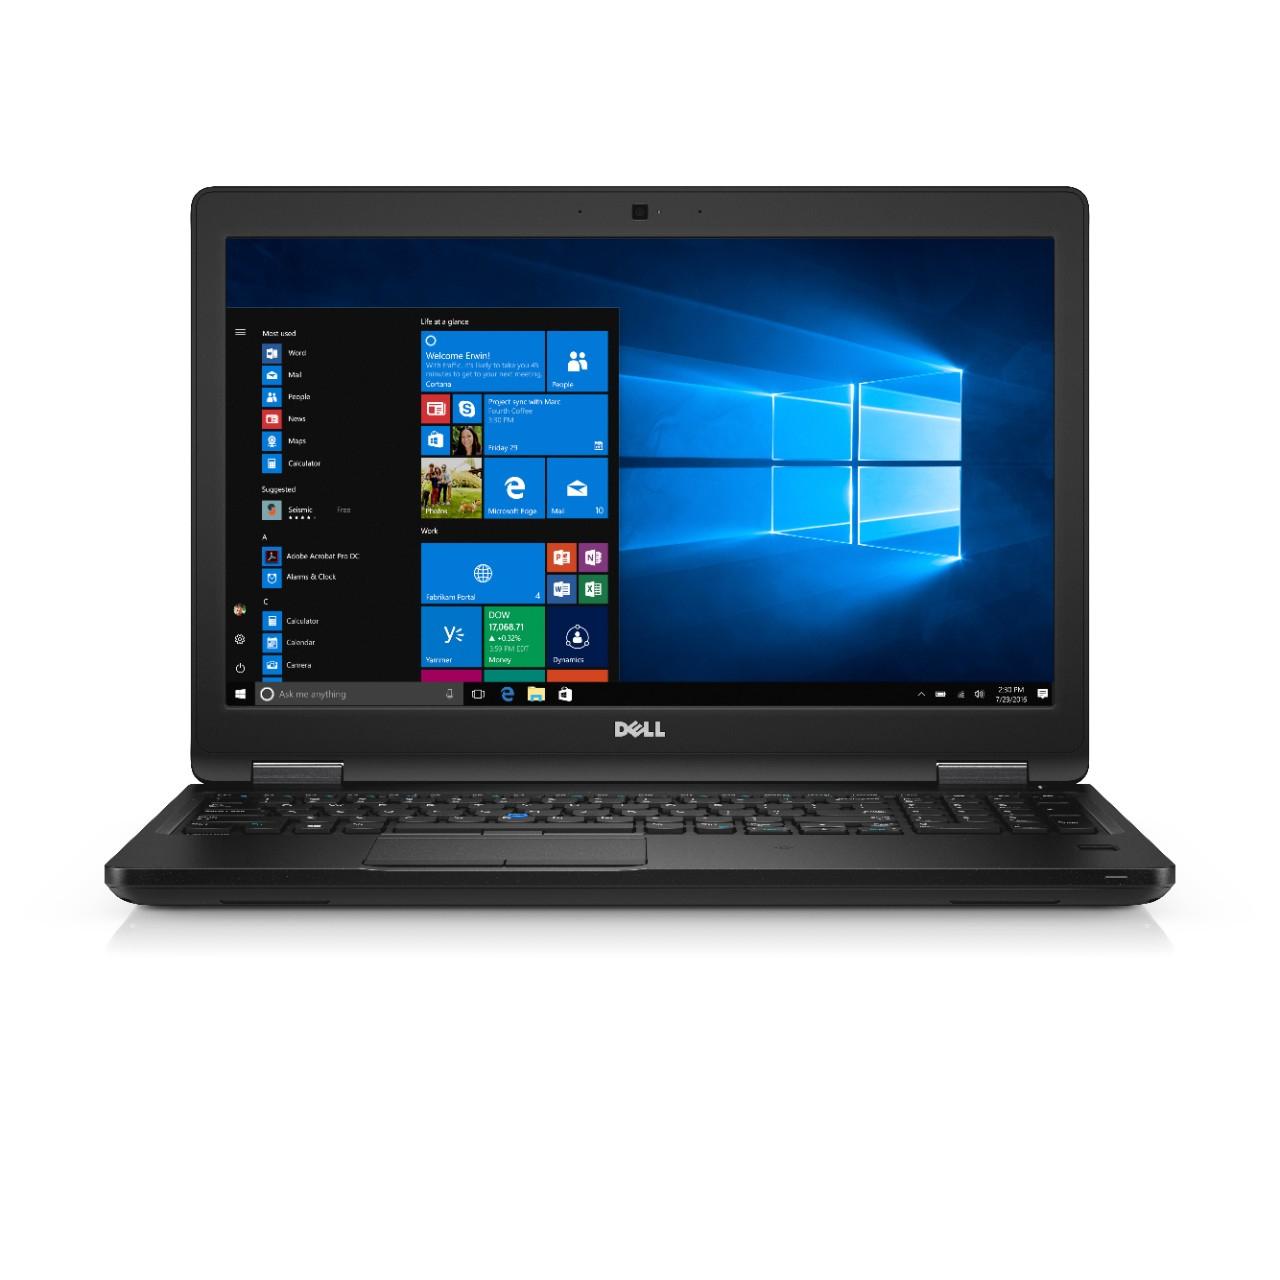 DELL Precision M3520 2.7GHz i7-6820HQ 6th gen Intel® Core™ i7 15.6